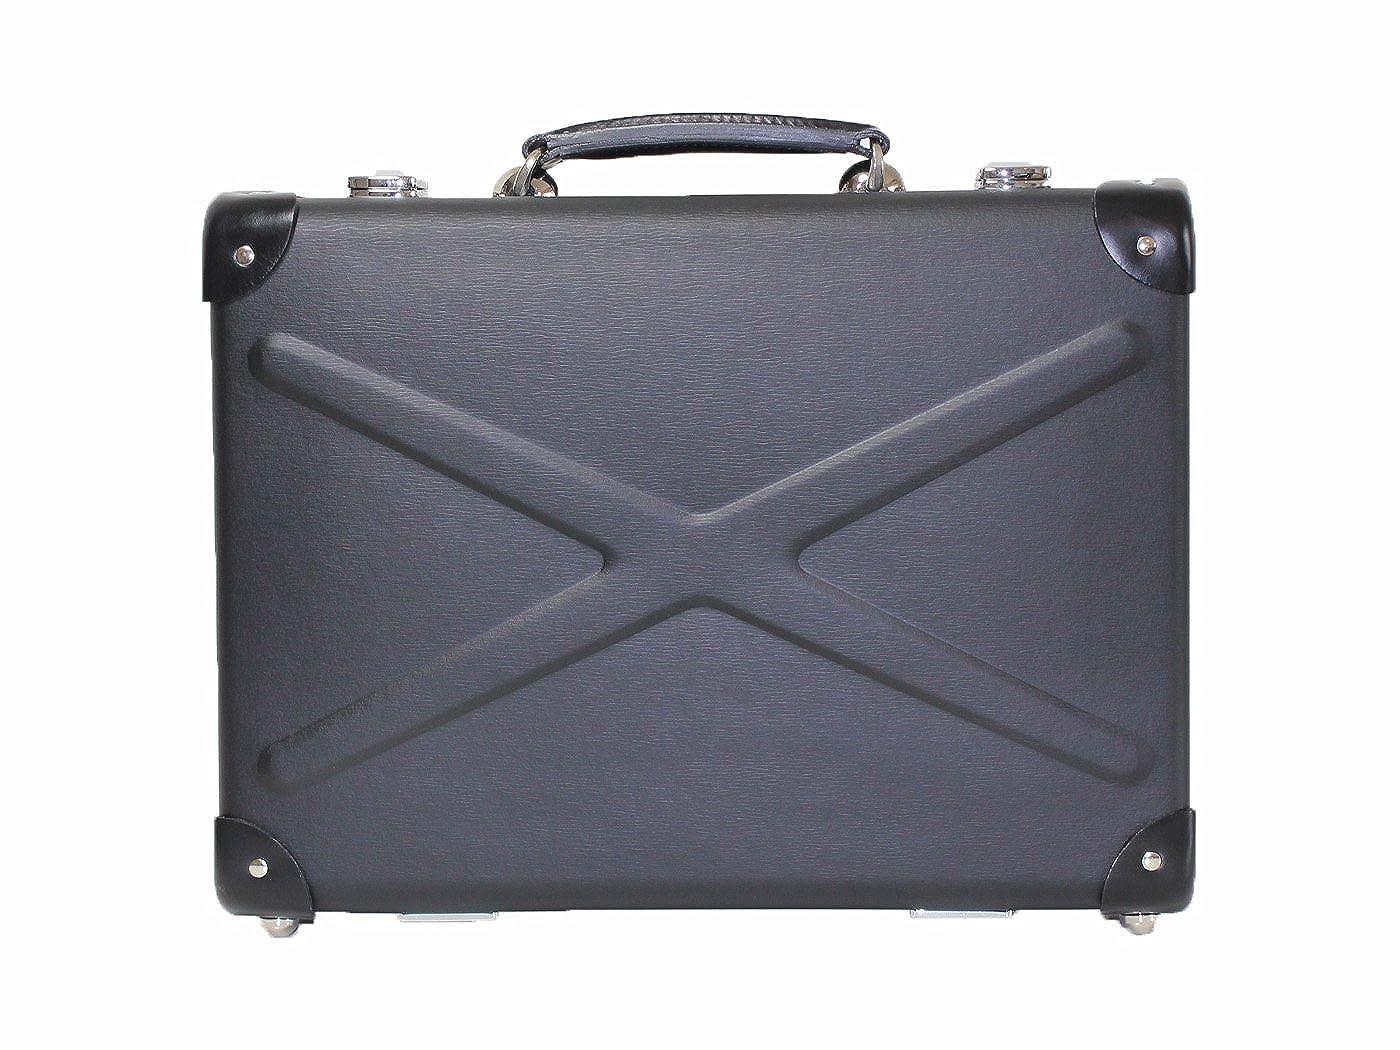 [HOKUTAN]ホクタン アタッシュケース トランクケース スーツケース FX B4サイズ ヴァルカンファイバー製 Made in Japan  ブラック B07DG1HNZ6